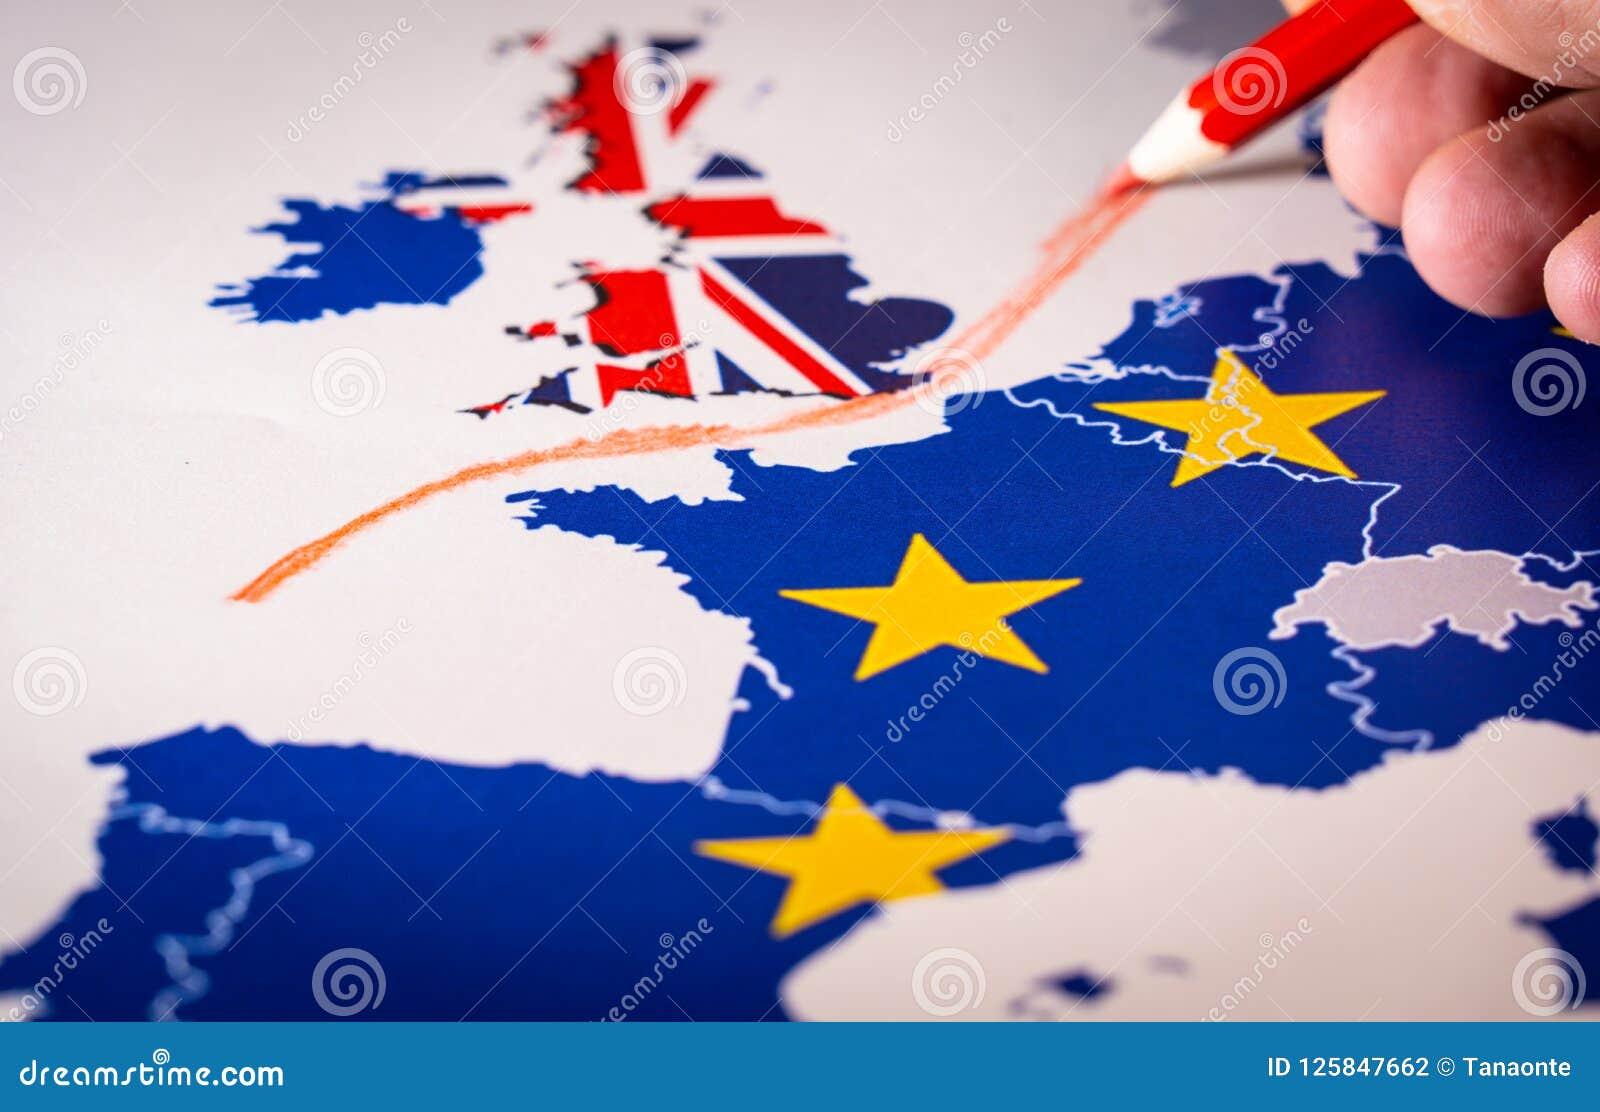 Χέρι που σύρει μια κόκκινη γραμμή μεταξύ του UK και του υπολοίπου της ΕΕ, έννοια Brexit